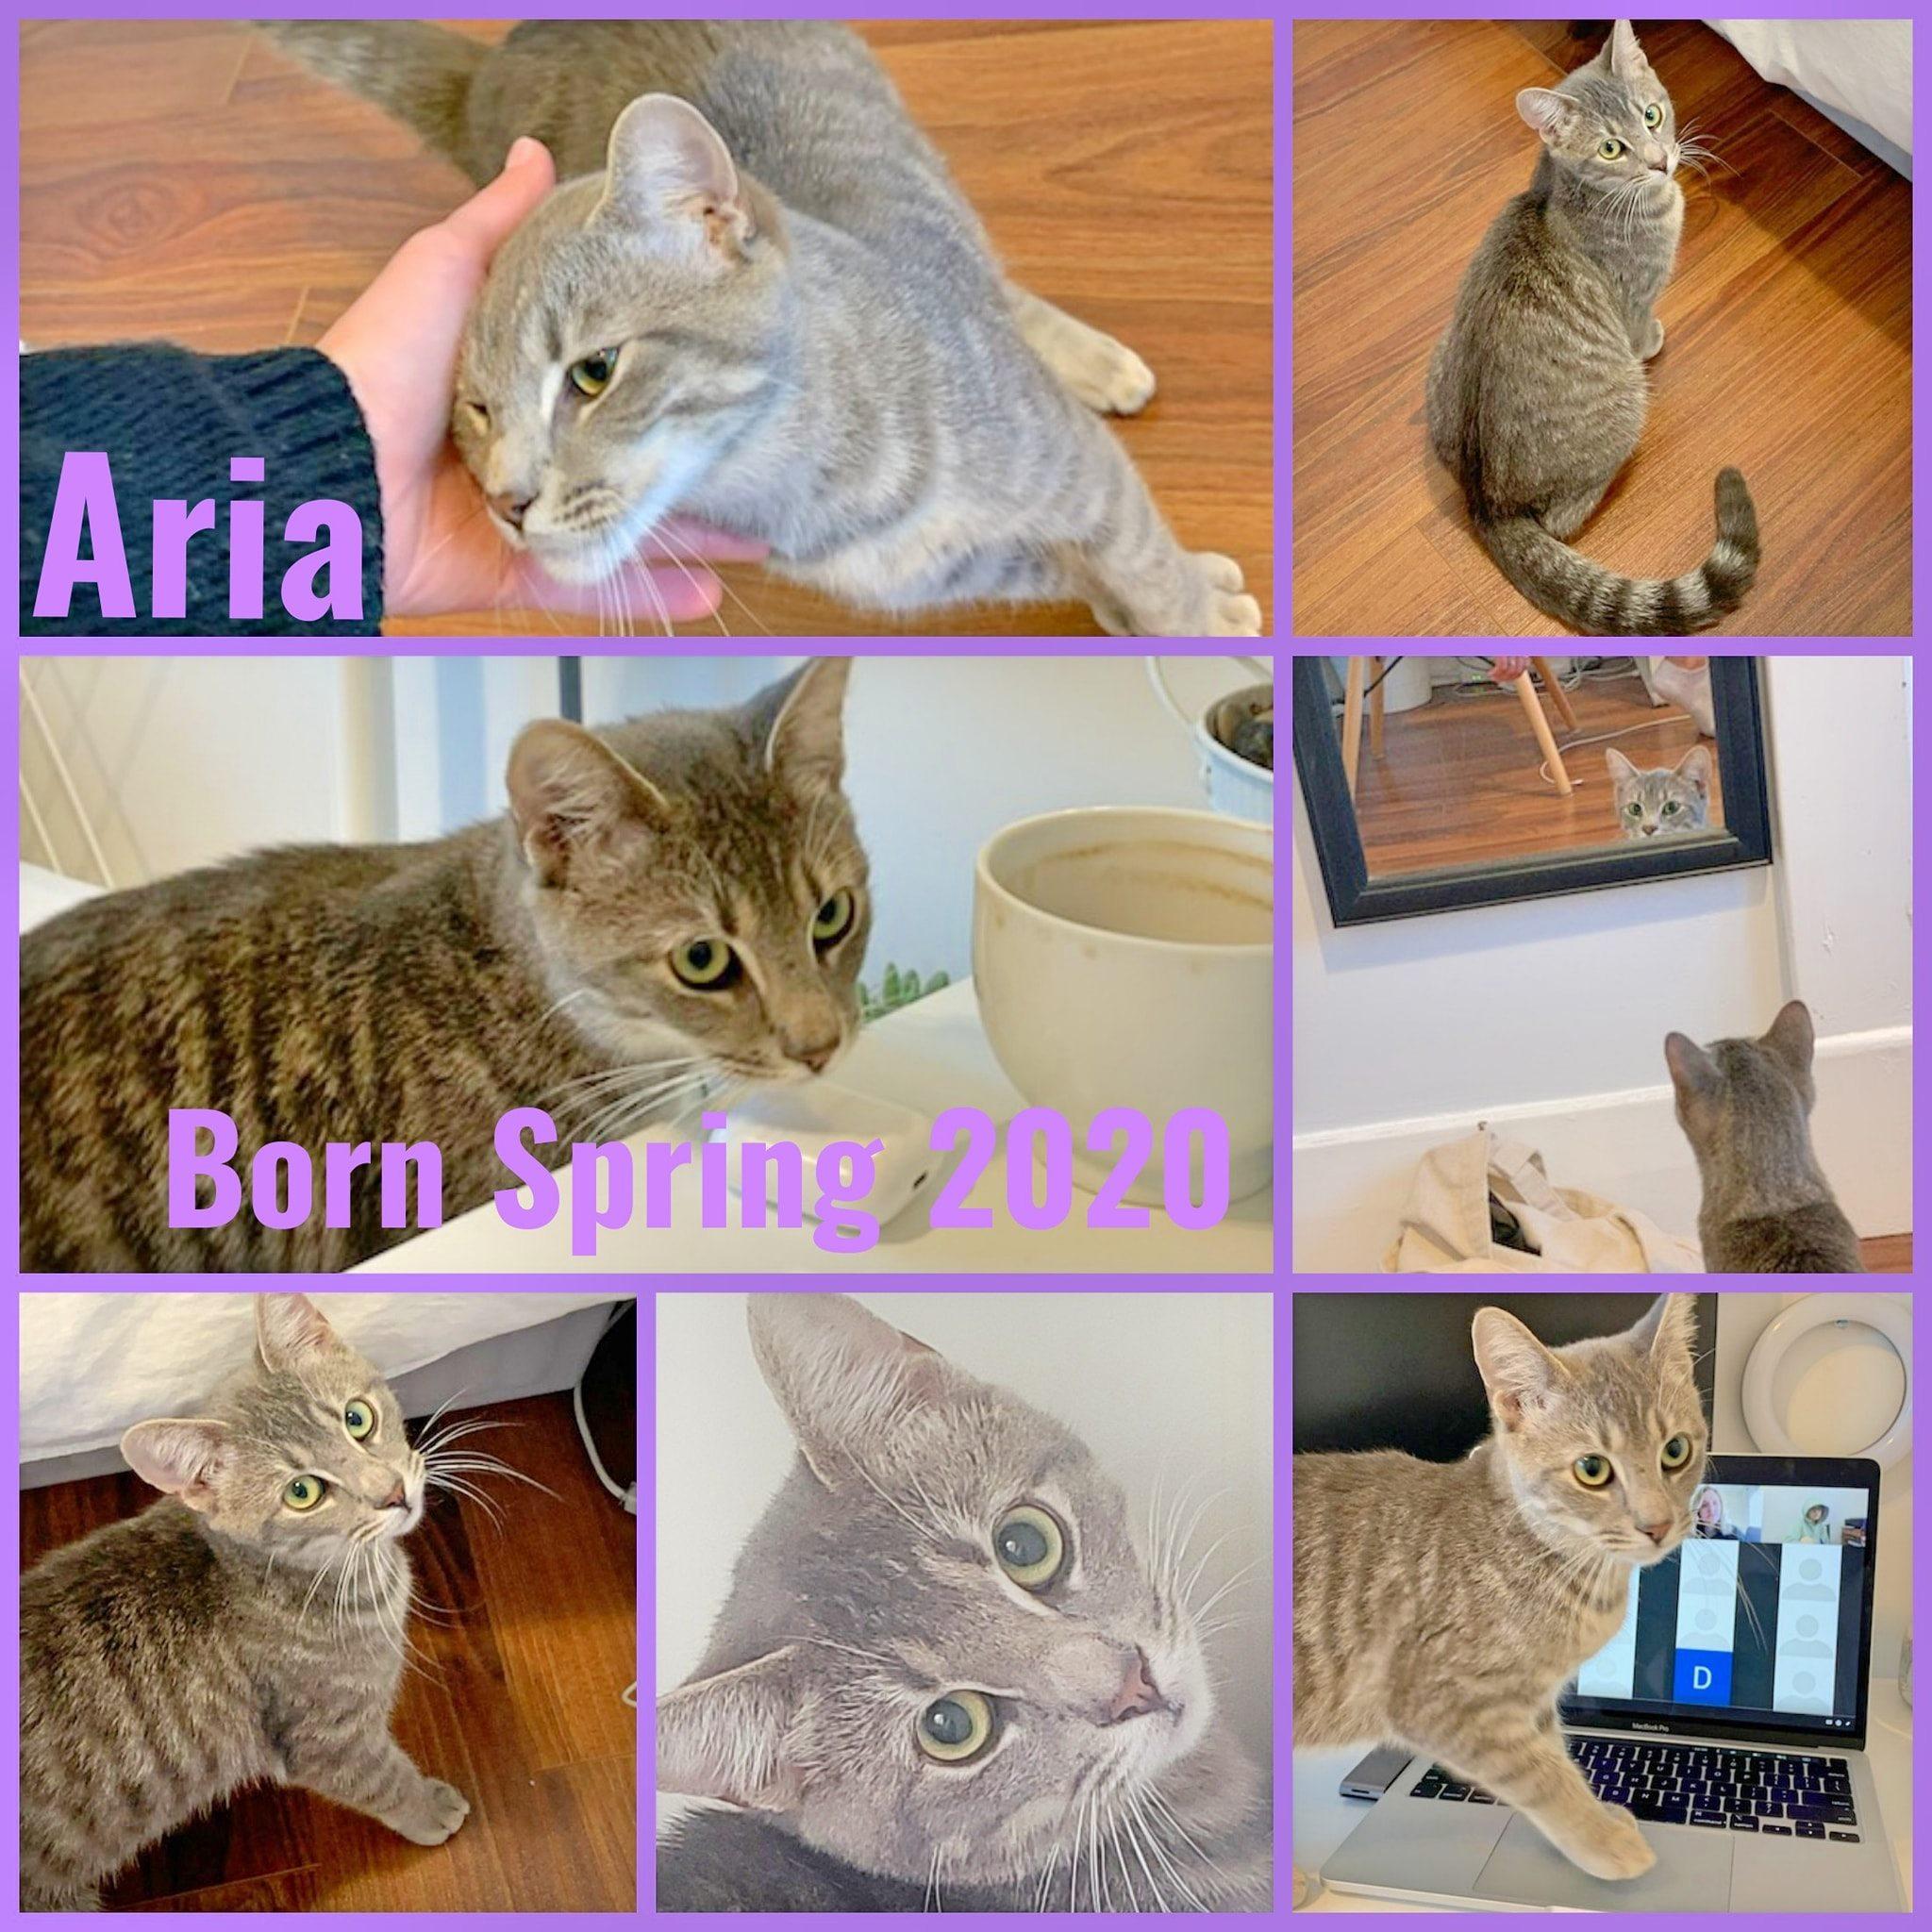 Aria-Female-Born in Spring 2020